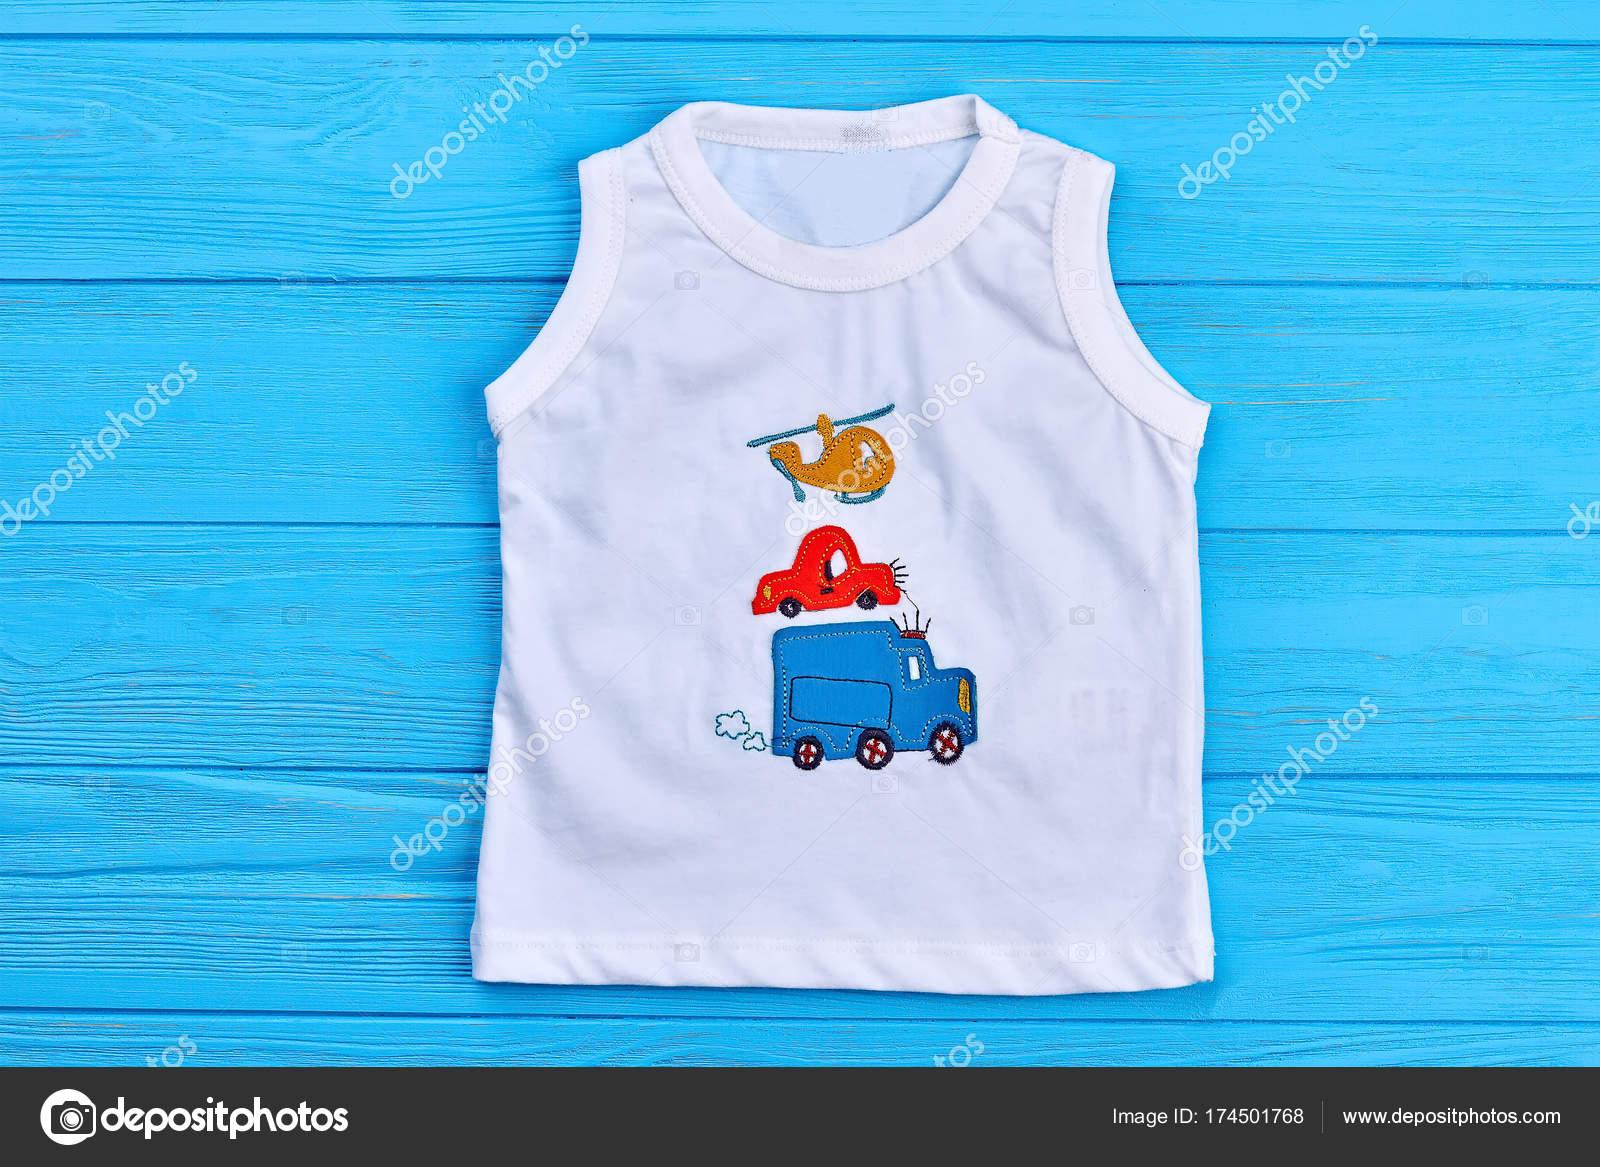 f07a47926 Bebé niño blanco camiseta diseño de la impresión. Niño niño camiseta de  algodón con ilustración transporte, azul fondo madera — Foto de ...